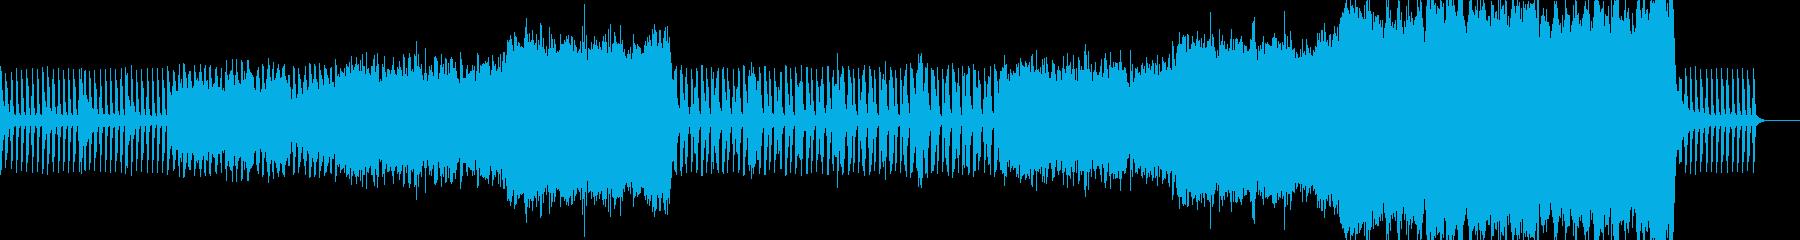 ボスキャラ登場シーンにの再生済みの波形